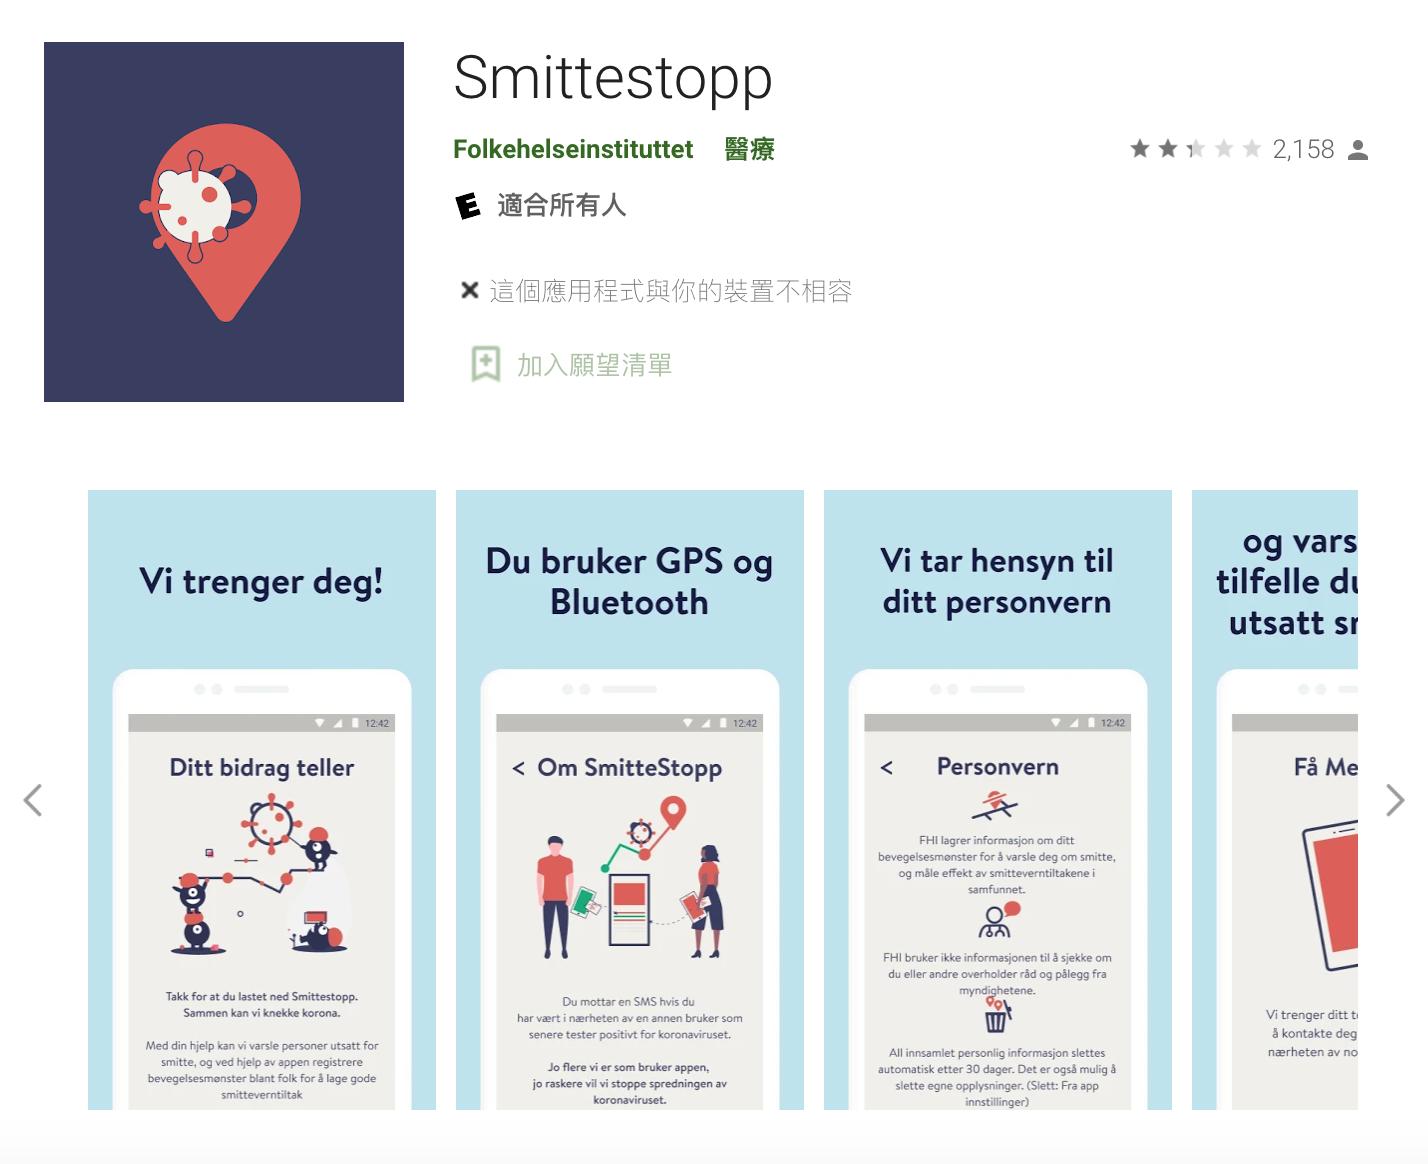 挪威開發了「Smittestopp」,可透過 GPS 與藍牙定位來追蹤用戶足跡,提出與感染者曾接觸過的示警,定位資訊也會上傳到中央伺服器儲存。然而,挪威資料保護主管機關(NDPA)宣告,程式對個人隱私造成不必要的侵害,政府應停止使用並刪除資料。圖│Google Play畫面